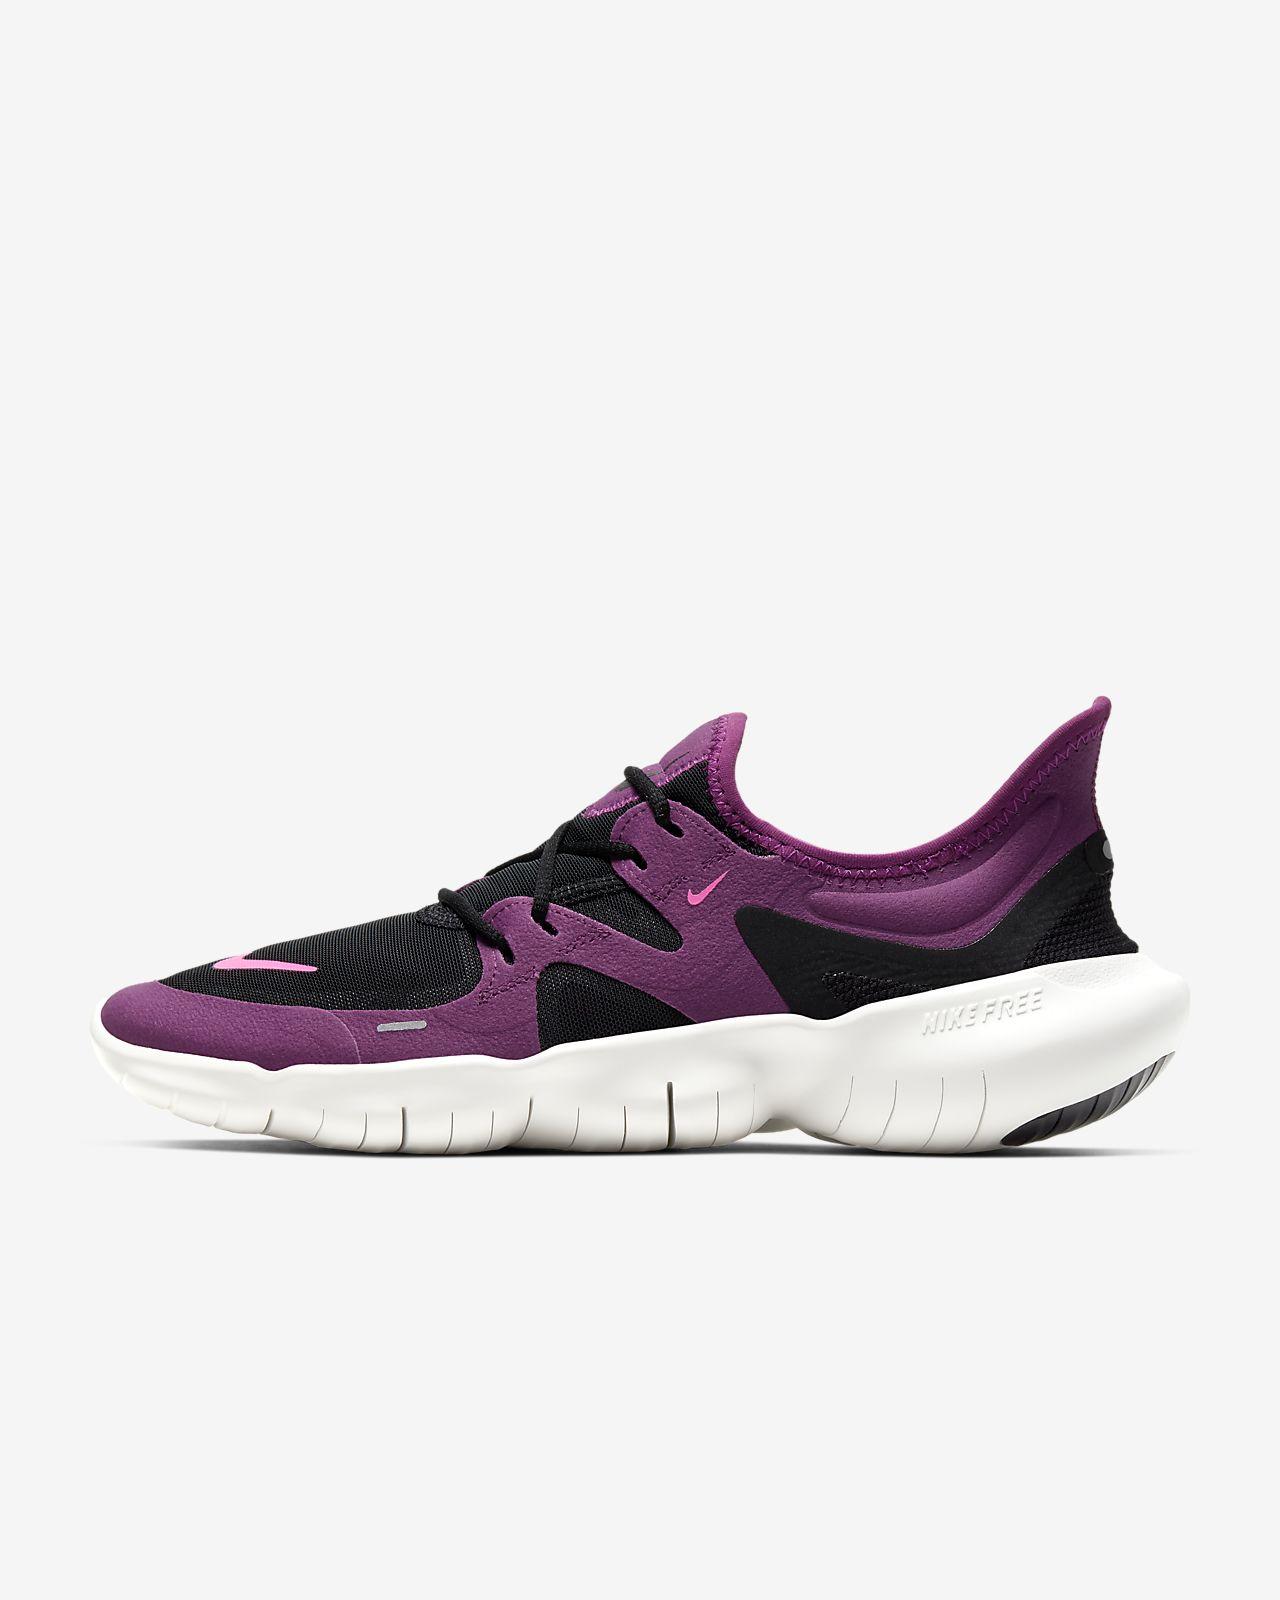 wyprzedaż ze zniżką sklep internetowy najnowszy Damskie buty do biegania Nike Free RN 5.0